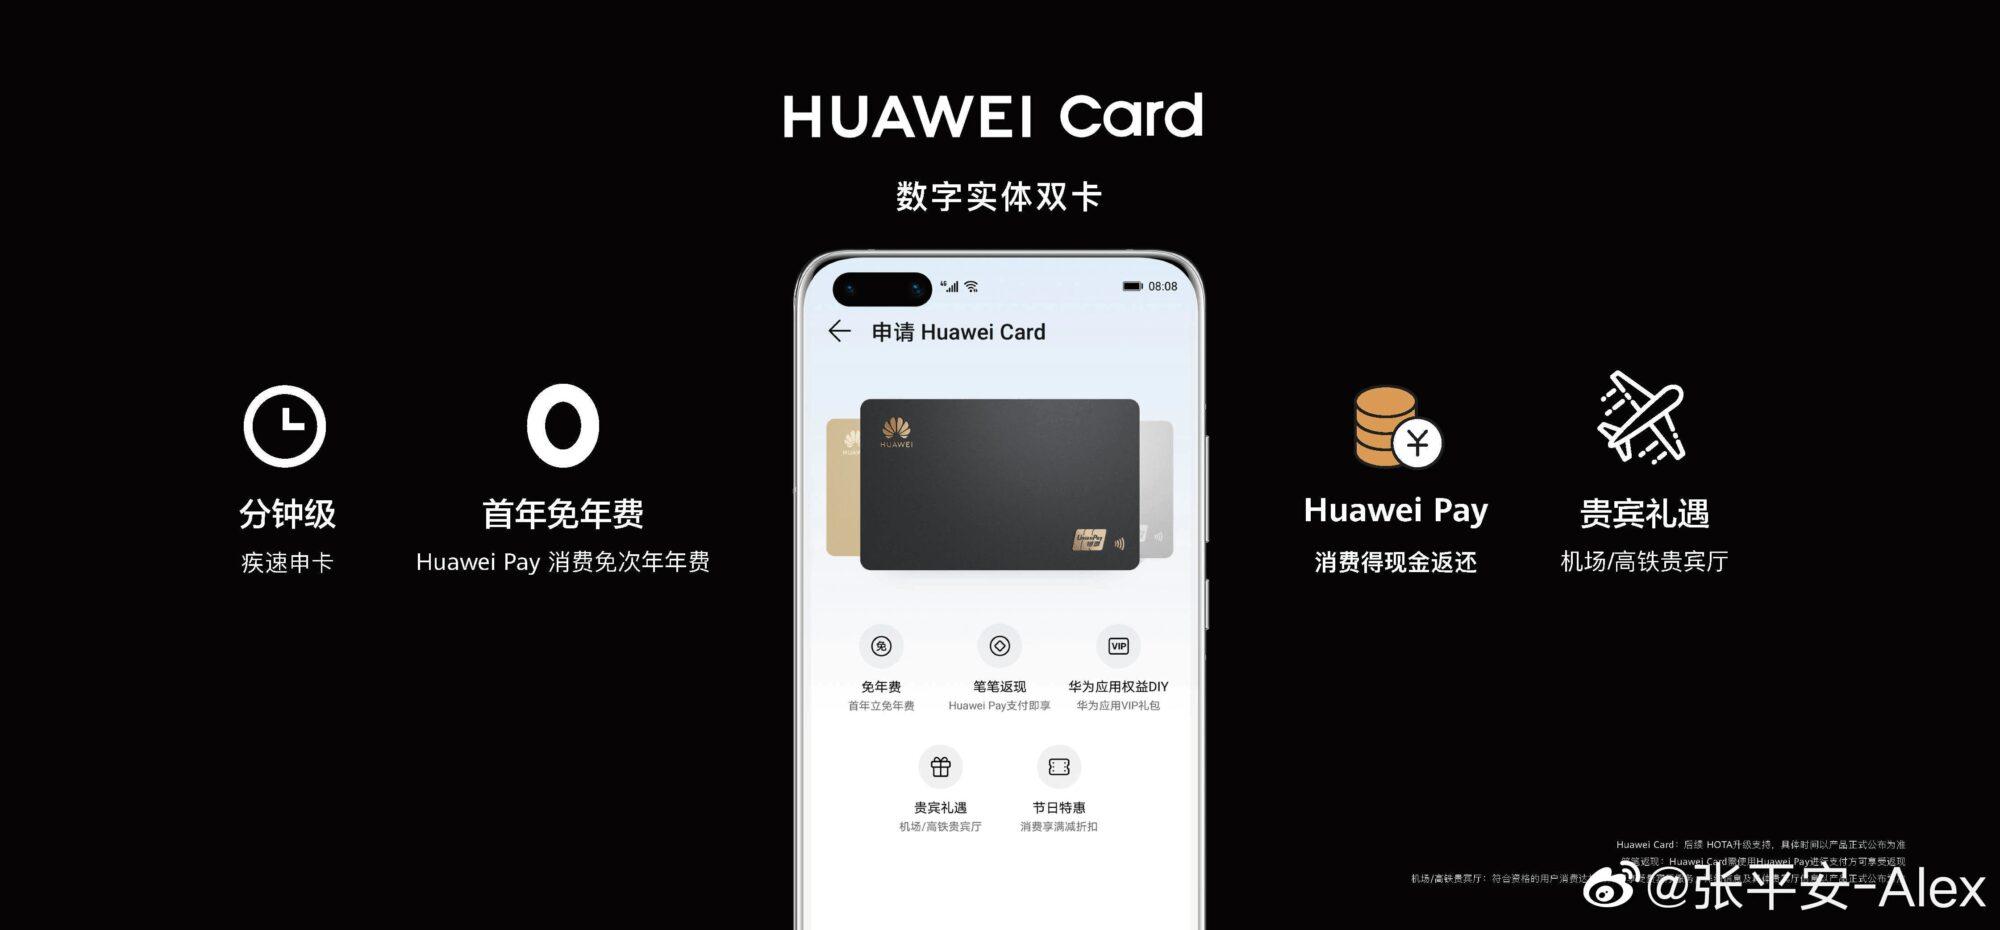 huawei-card-avantages